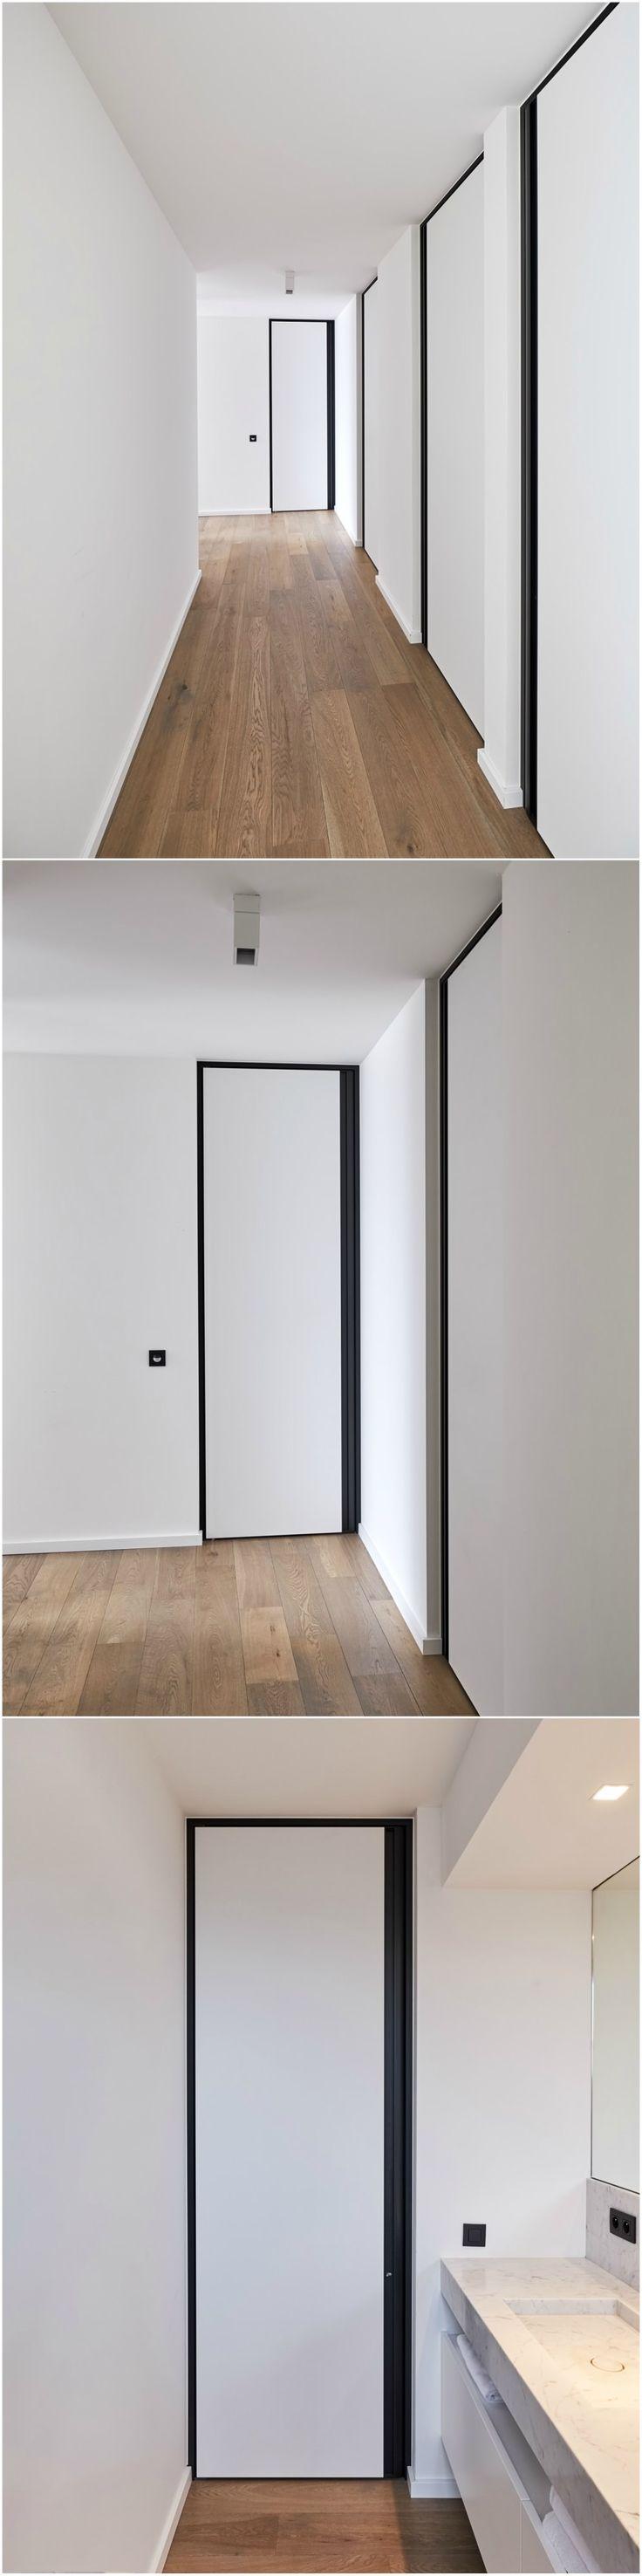 Recente realisatie waar witte binnendeuren van vloer tot plafond geplaatst werden in combinatie met een zwarte omlijsting en verticale handgreep. De zwarte accenten leveren een mooi contrast met de witte muren en houten vloer.